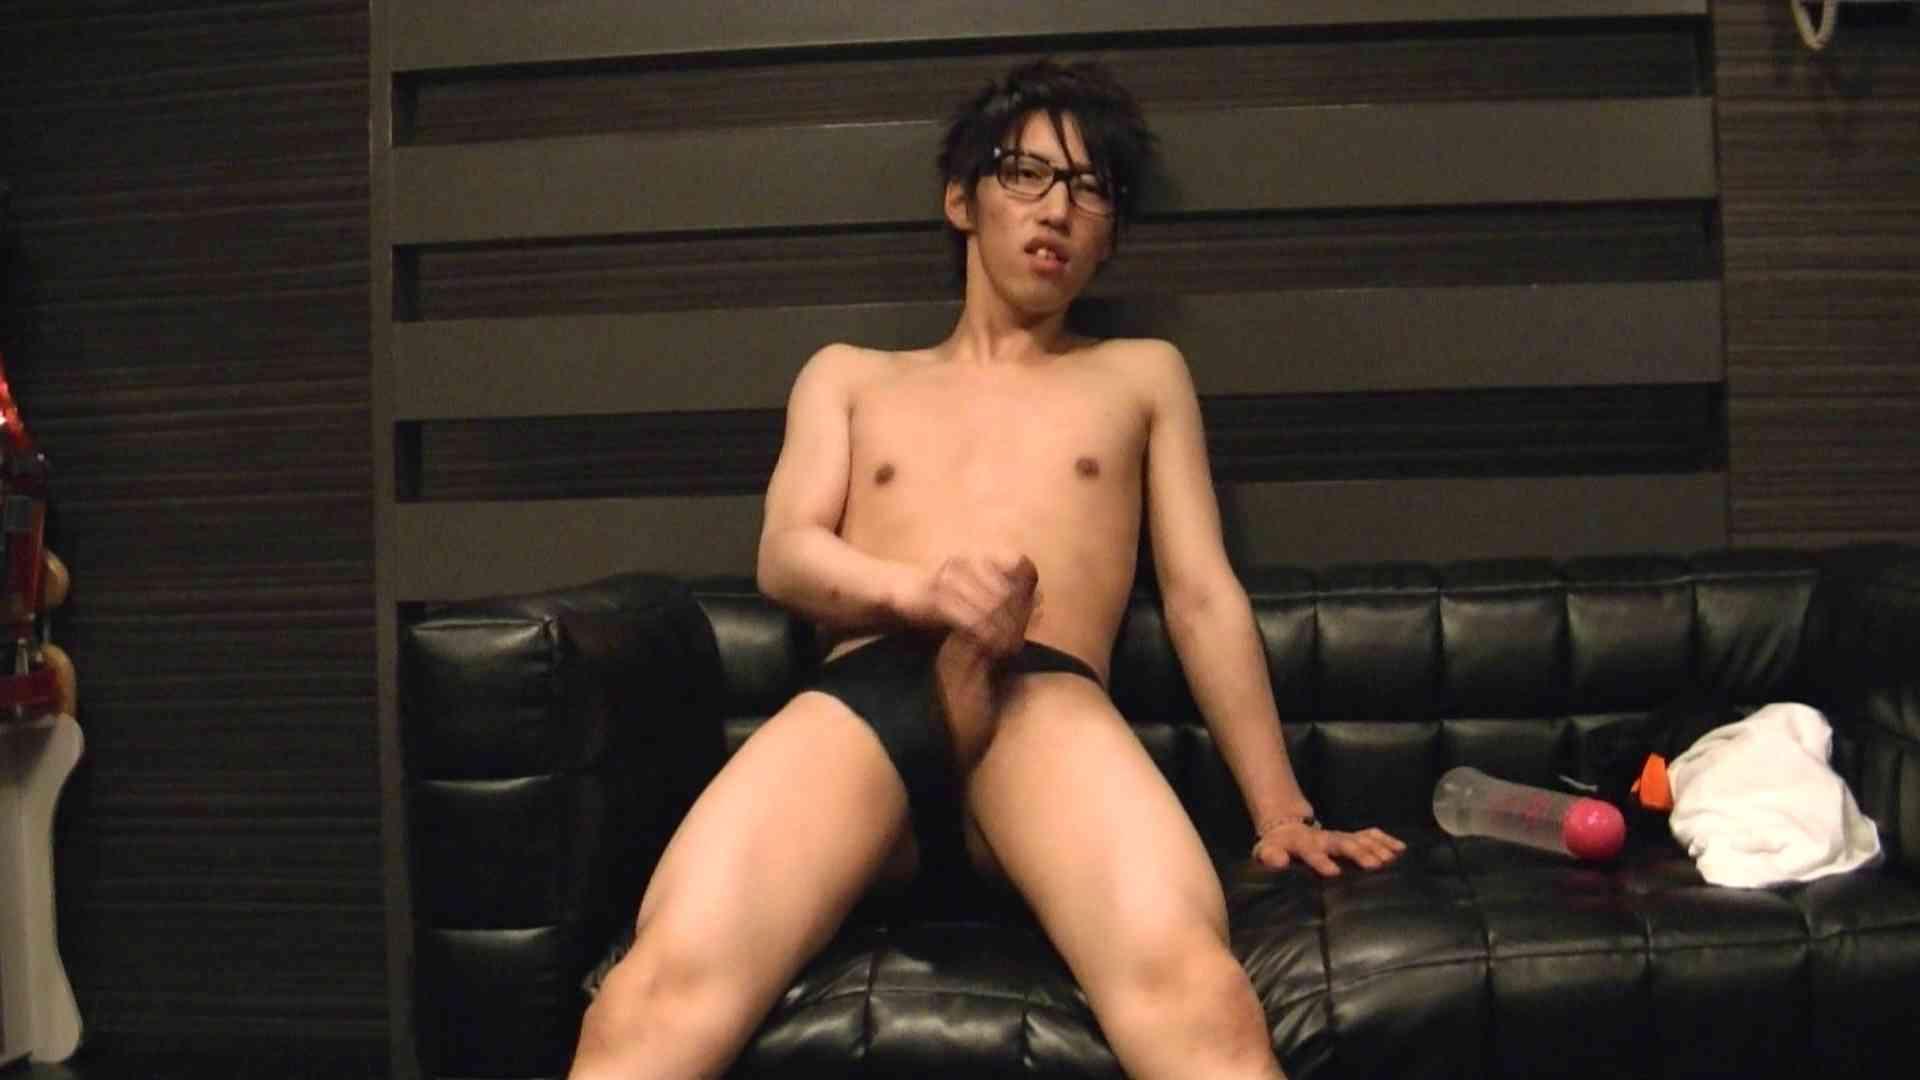 Mr.オナックスさん投稿!HD 貴方のオナニー三万円で撮影させてください。VOL.04 スジ筋系  32pic 3